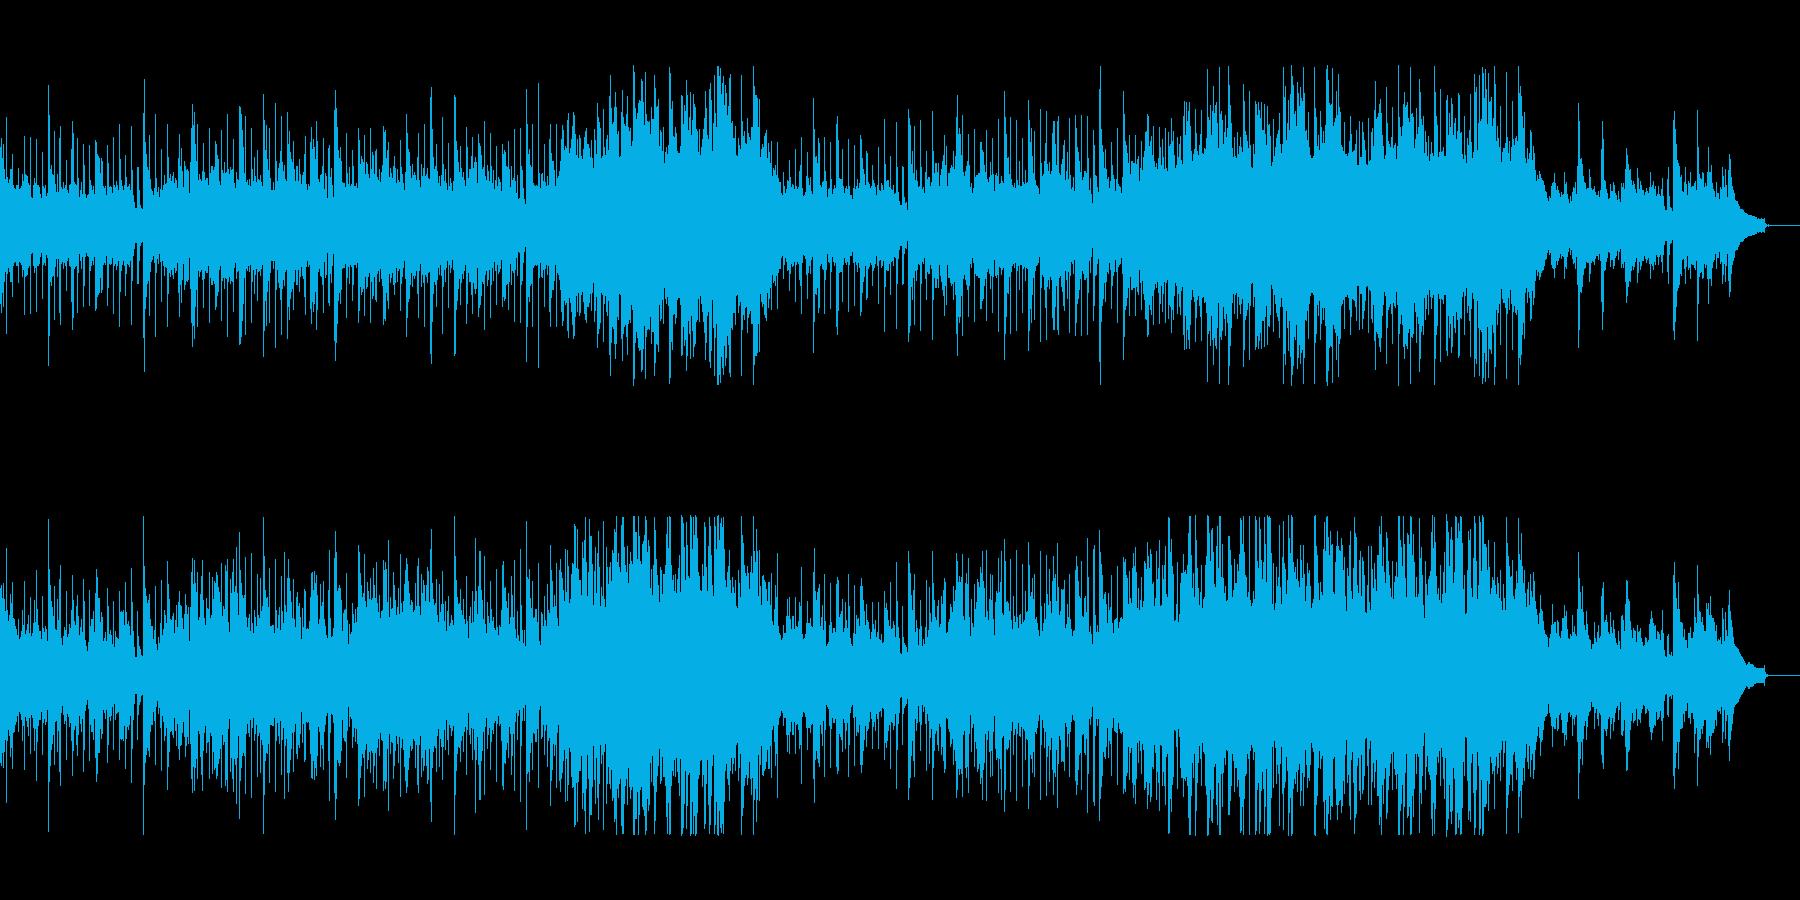 映像向きのしっとり爽やかなアコギ+ピアノの再生済みの波形